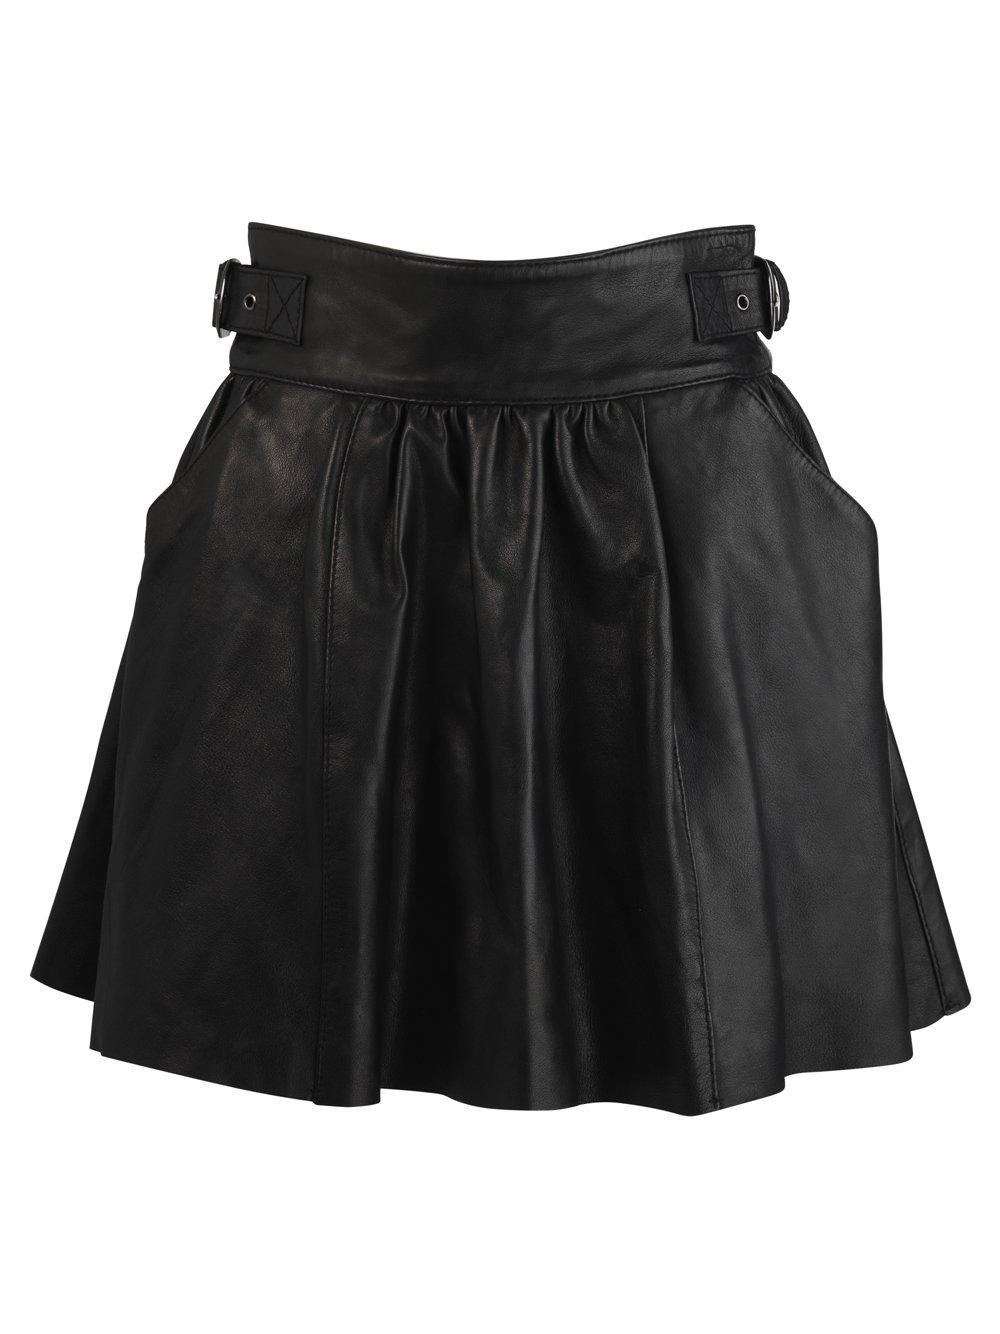 dahlia leather skirt in black muubaa from muubaa uk